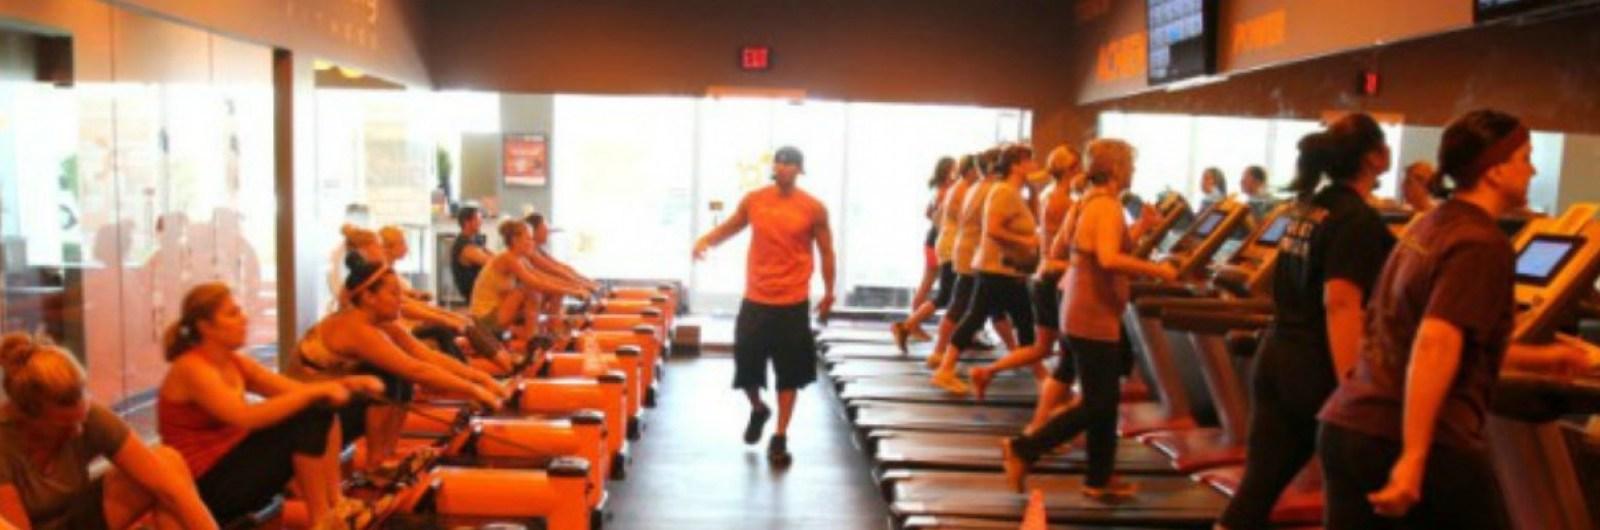 franchising de fitness